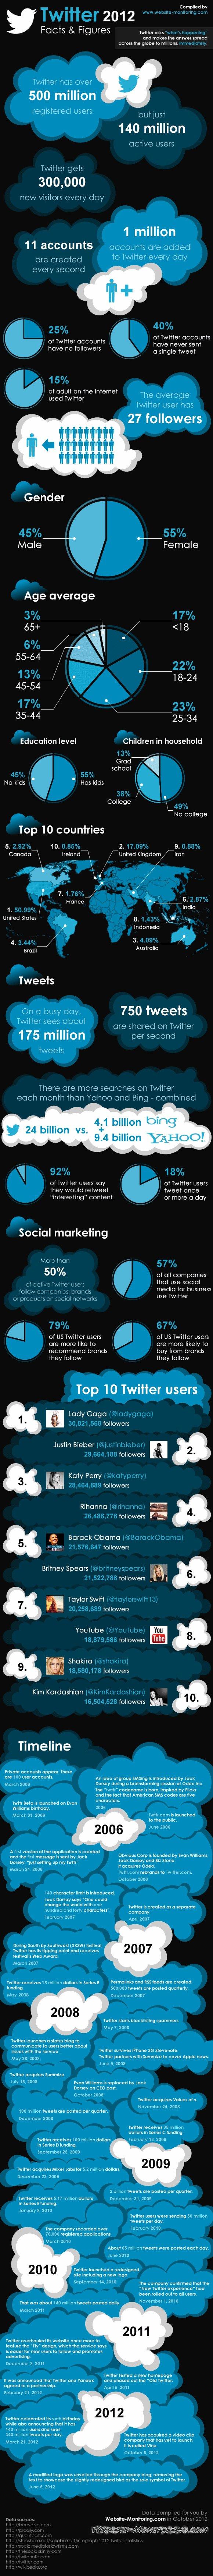 Twitter 2012 - Fatti e cifre (infografica)